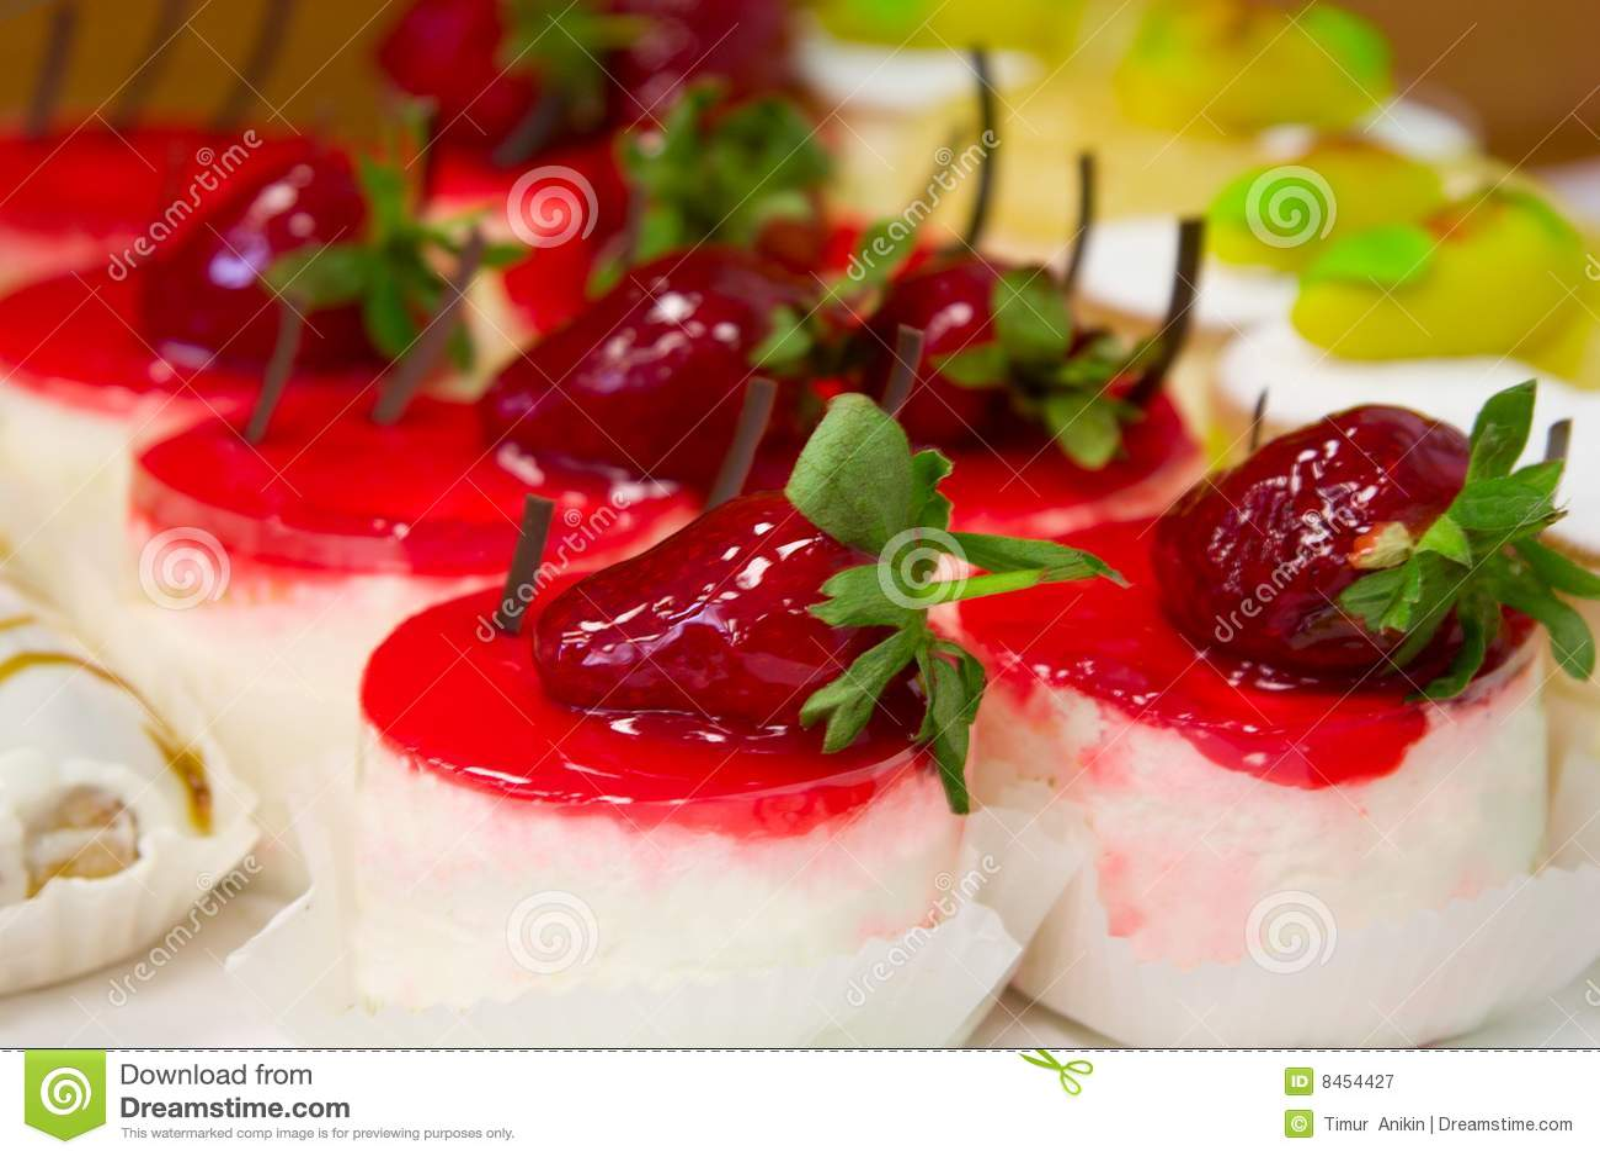 Cakes lagar mat med grädde strawberies sött under